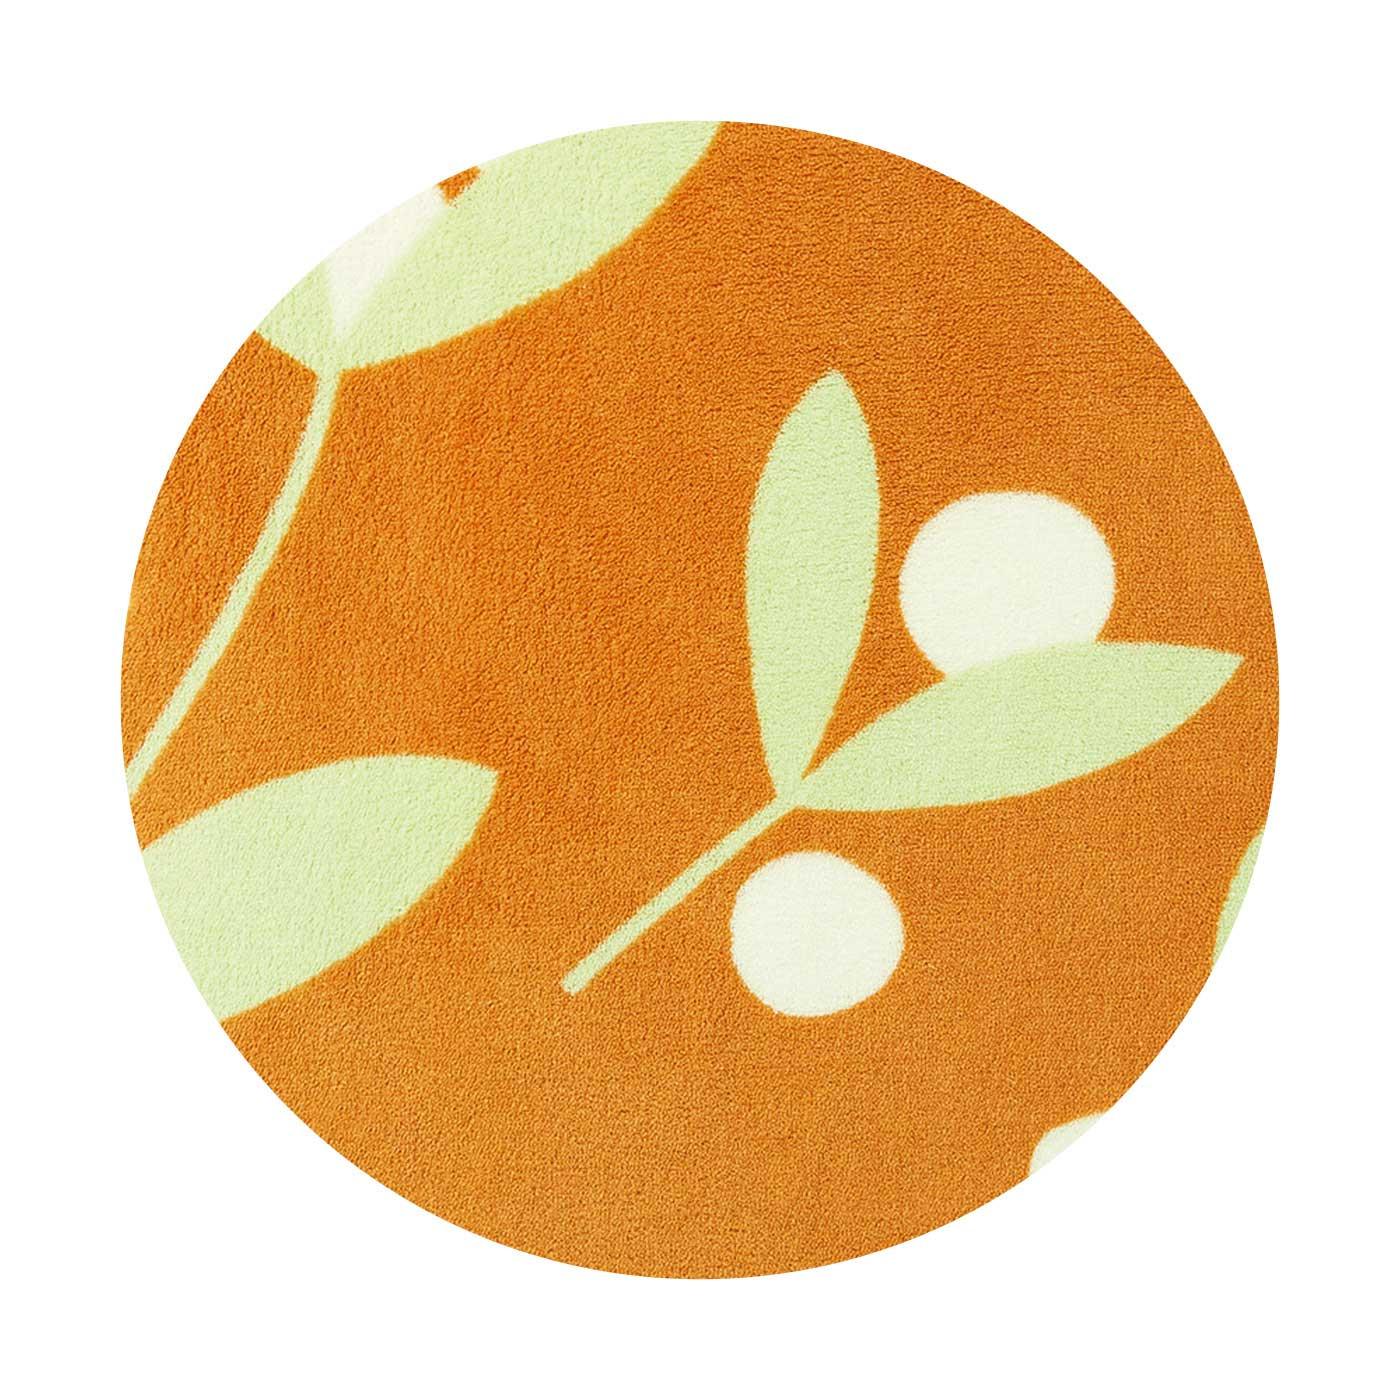 〈オレンジオリーブ〉寒さに強いと言われるオリーブの木のモチーフに、あたたかさを感じるカラーを合わせました。シンプルでナチュラルなモチーフは、ほかでは見つからないかわいさです。